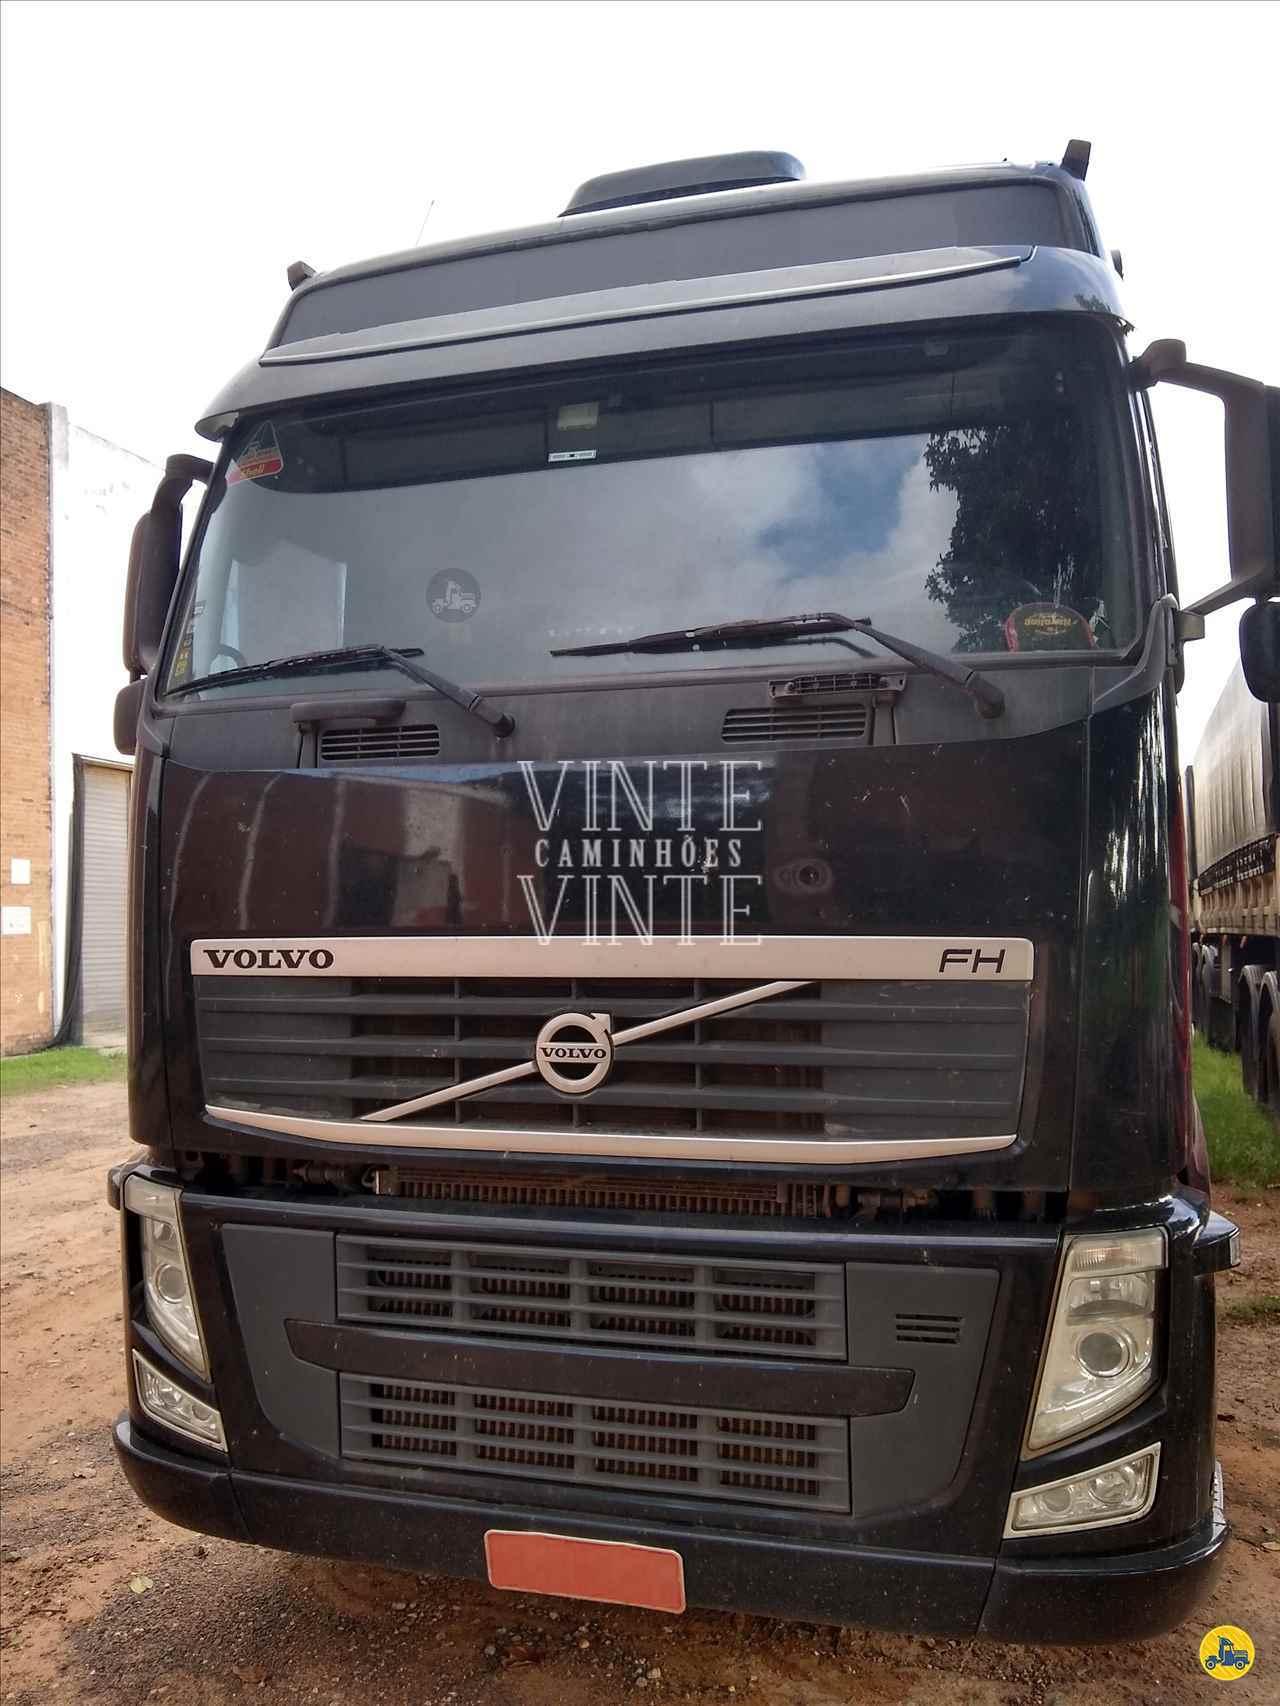 VOLVO VOLVO FH 460 595000km 2013/2013 Vinte-Vinte Caminhões